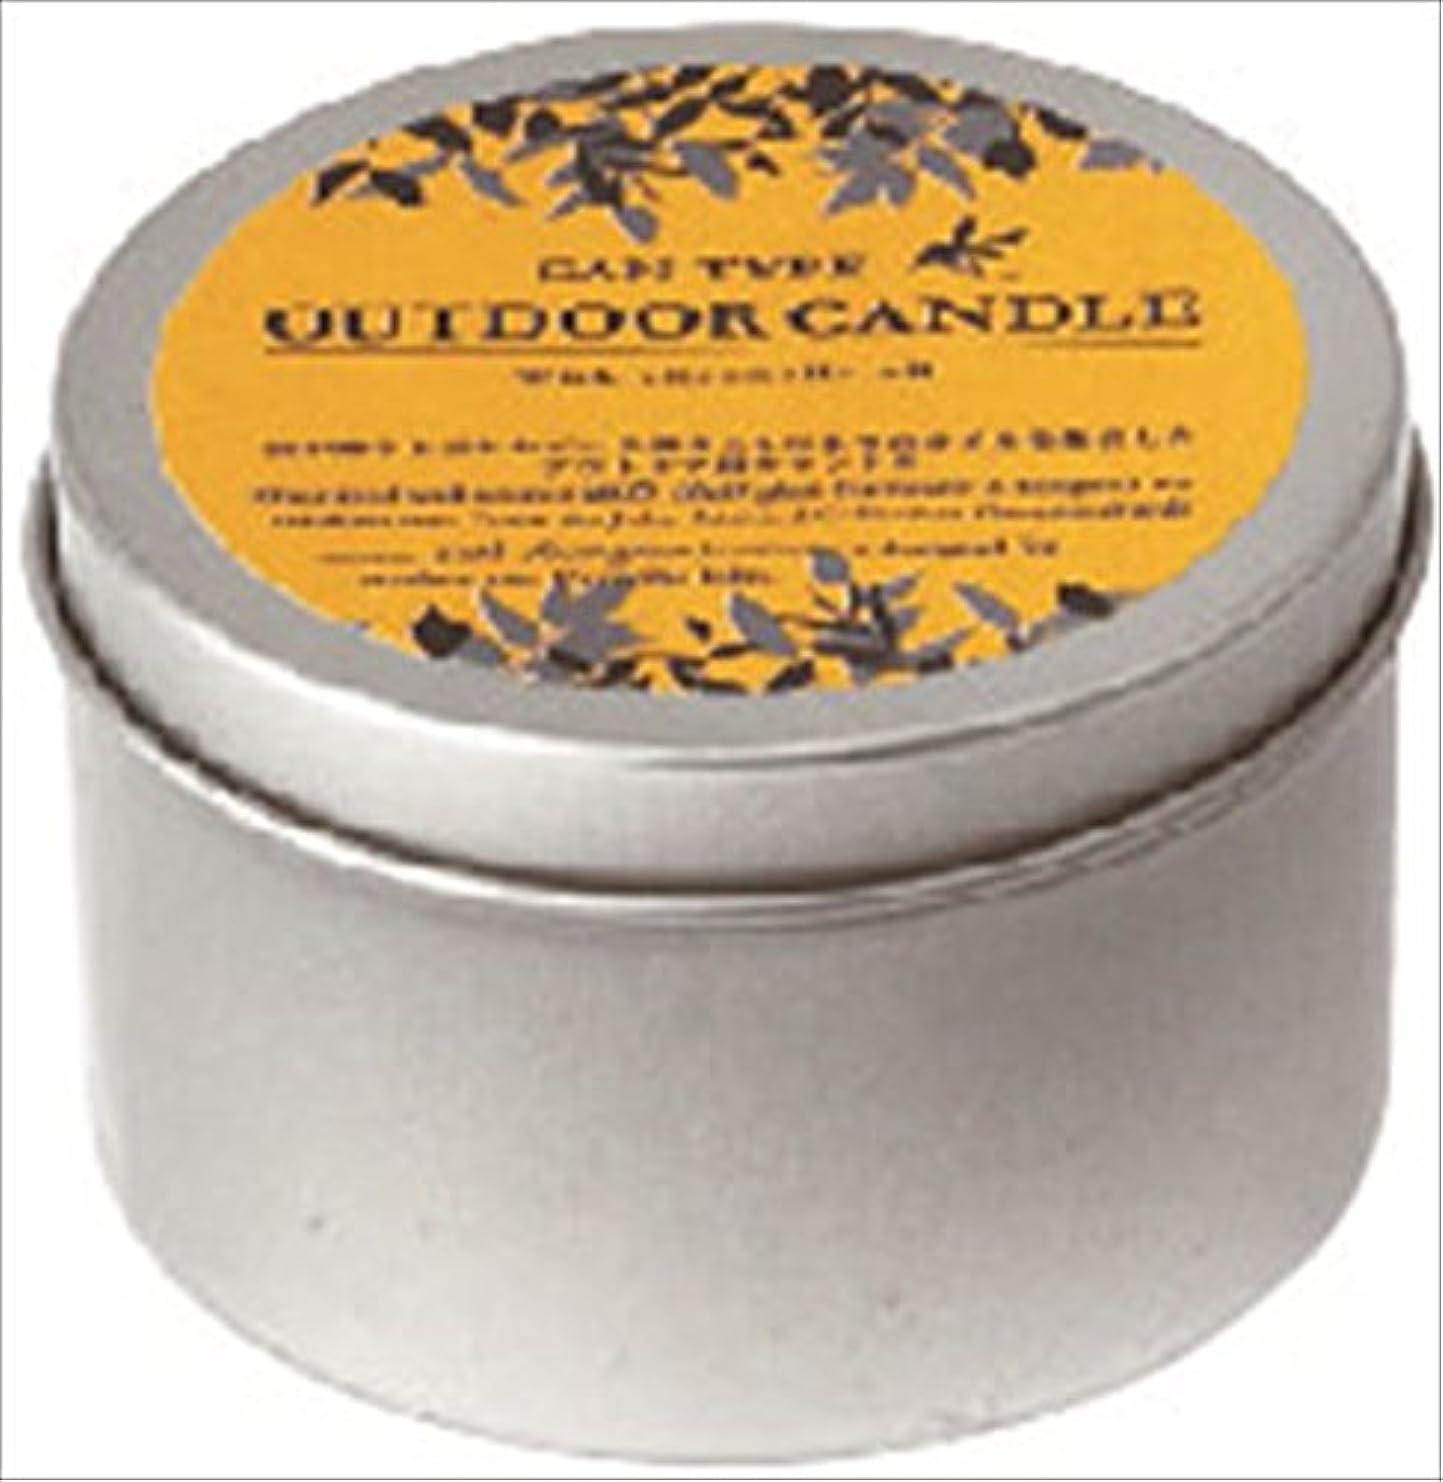 ボランティア販売計画忠実なカメヤマキャンドル(kameyama candle) シトロネラ缶入りキャンドル A9300500